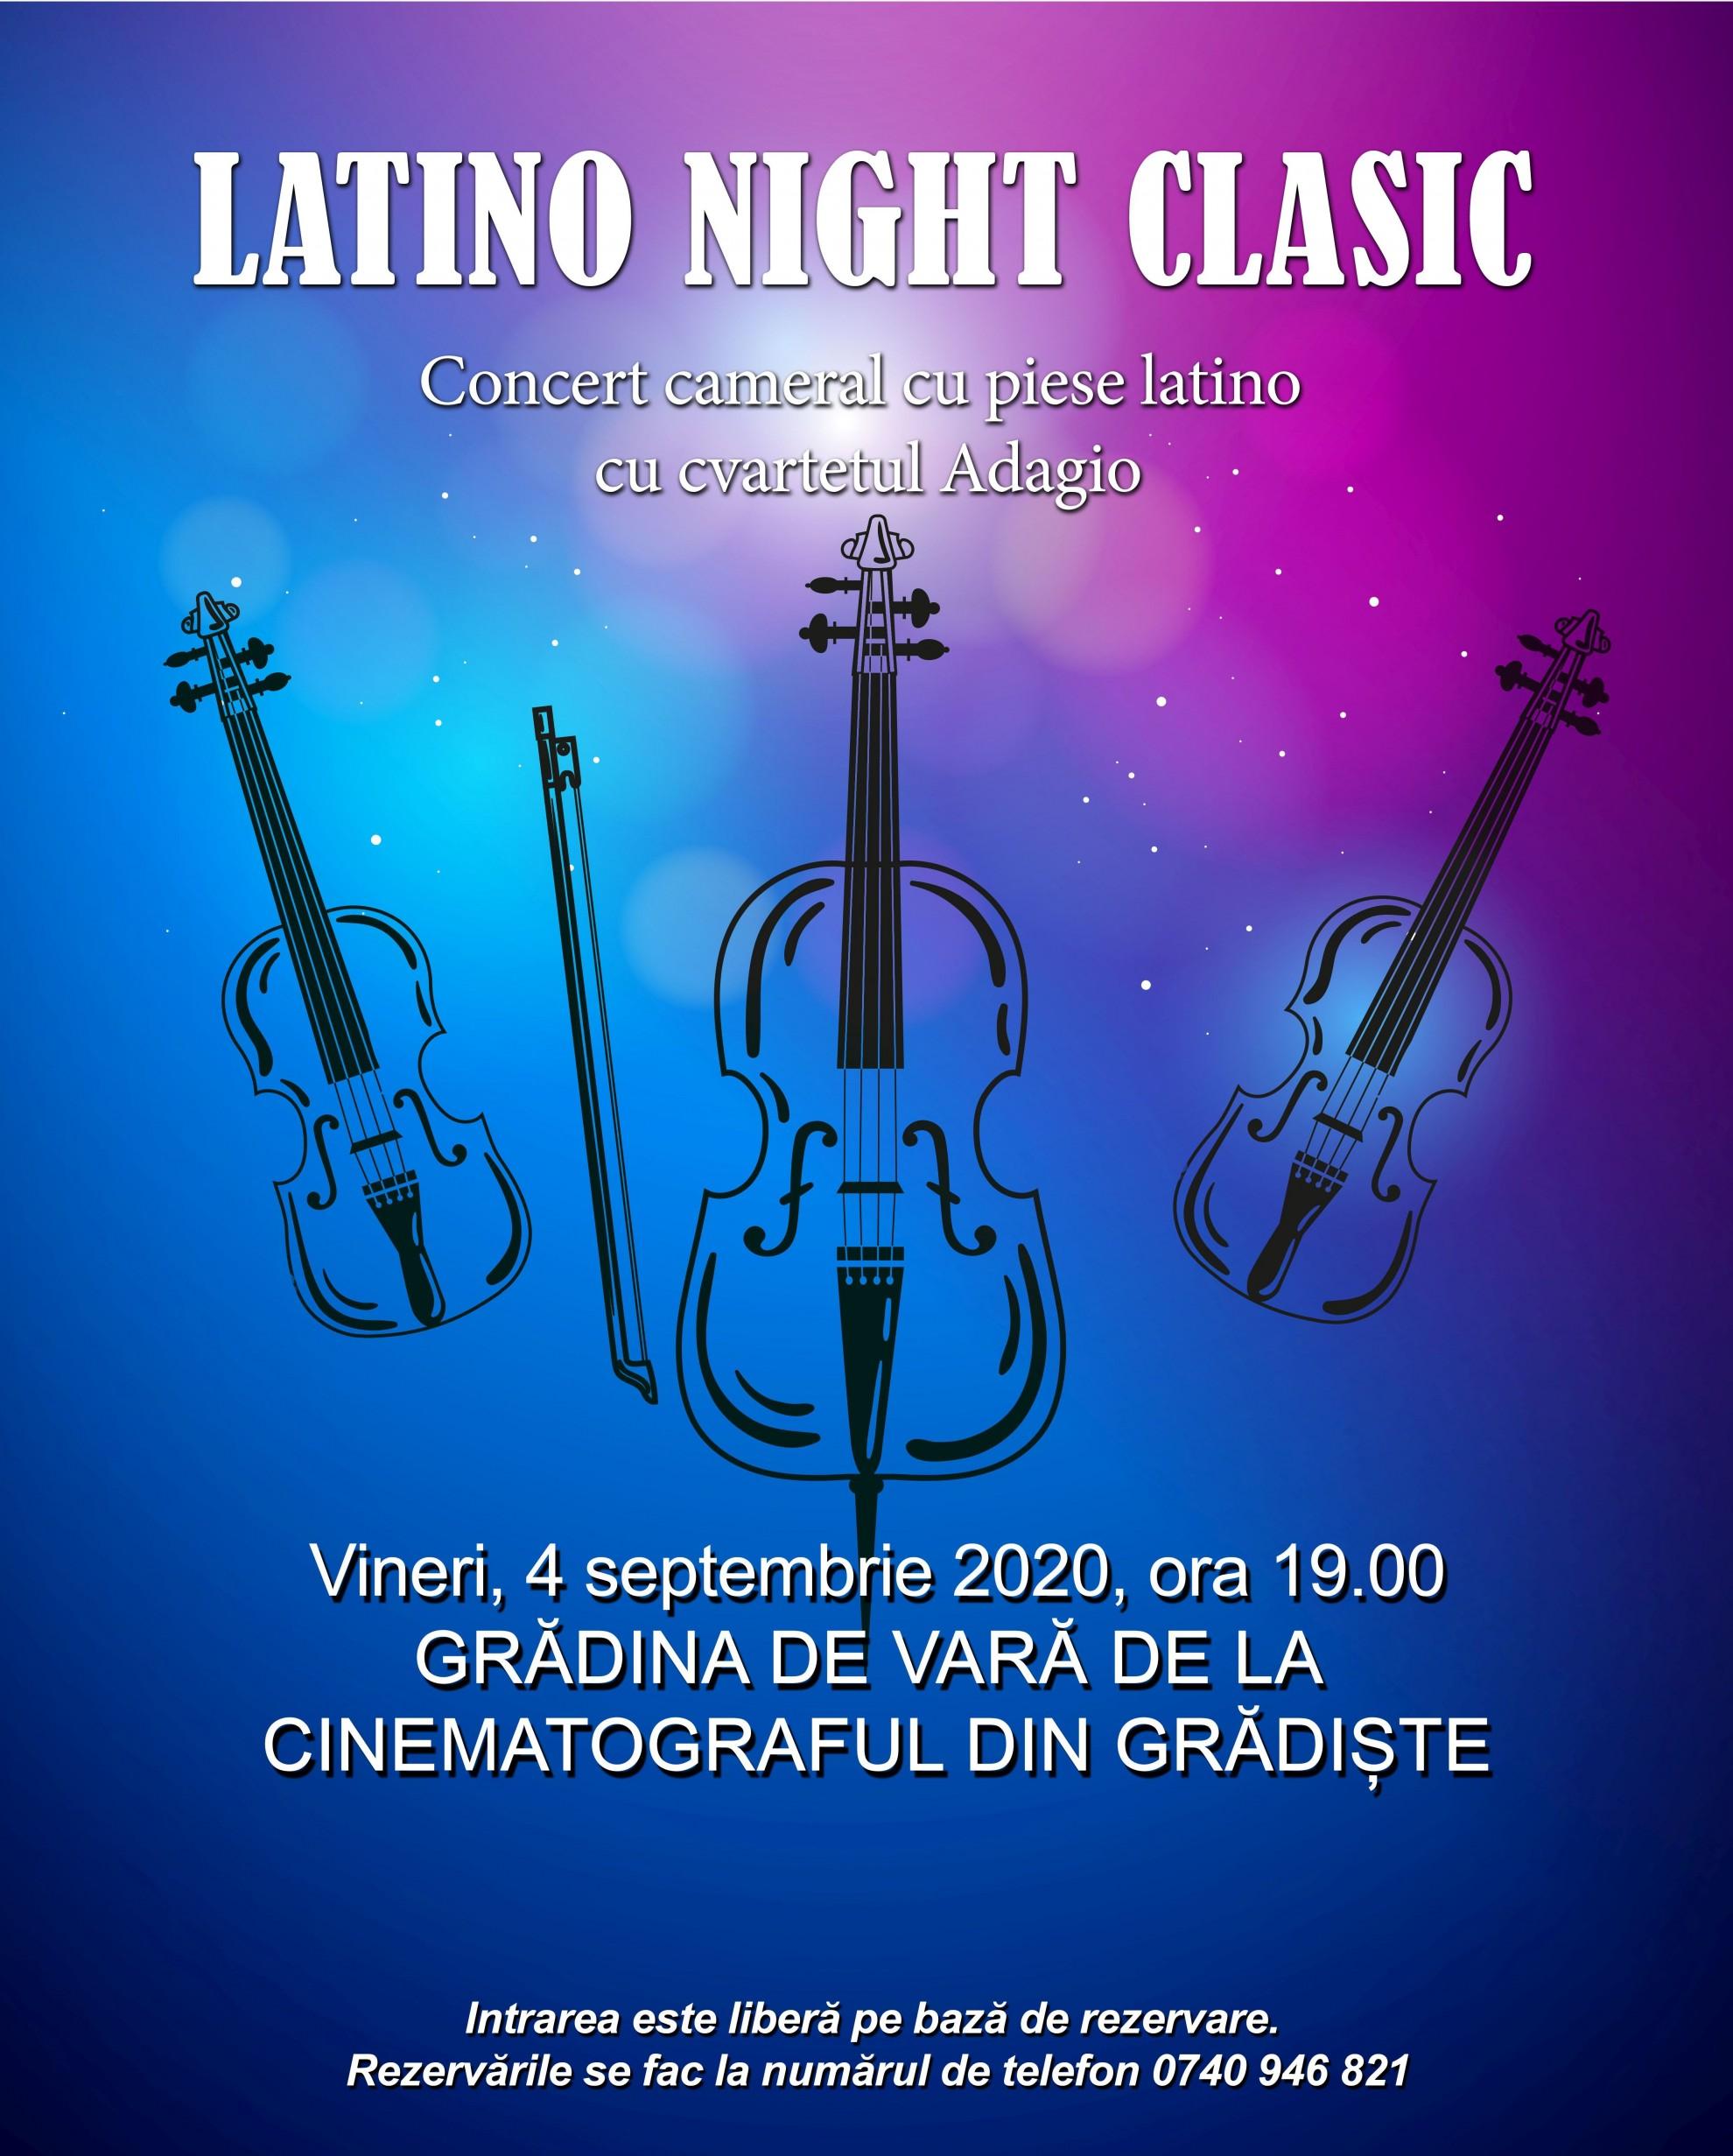 """""""Latino Night Clasic""""  în grădina de vară de la cinematograful din Grădiște. Toate locurile au fost rezervate"""